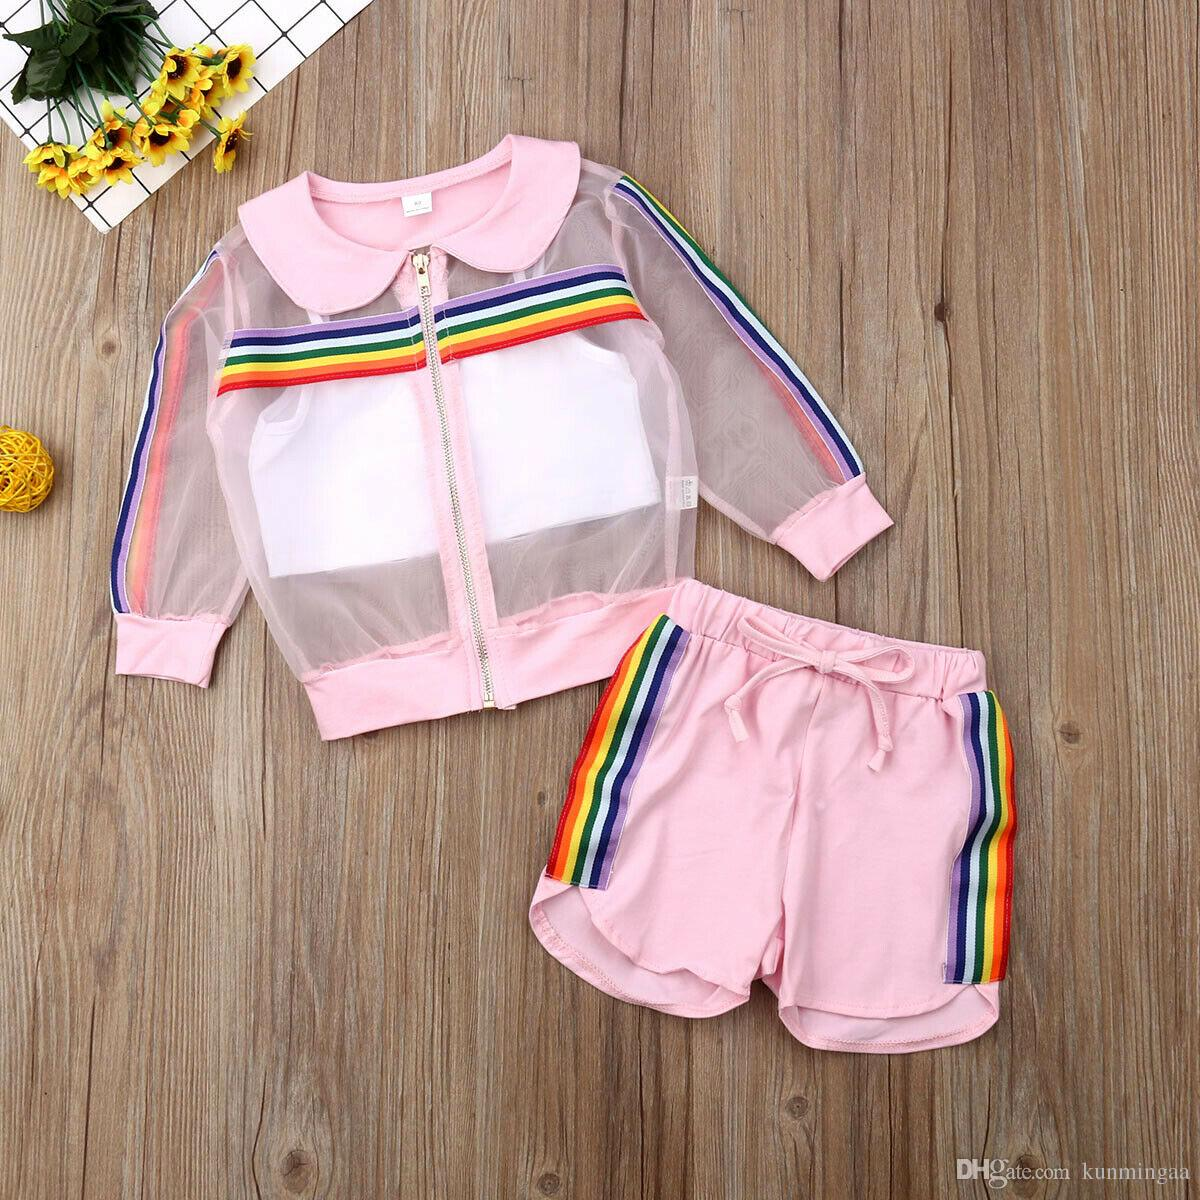 2019 Ropa para niños de verano cabritos del niño de la niña de malla de la capa + del chaleco + pantalones traje de 3 piezas sunsuit de colores del arco iris de rayas Conjunto